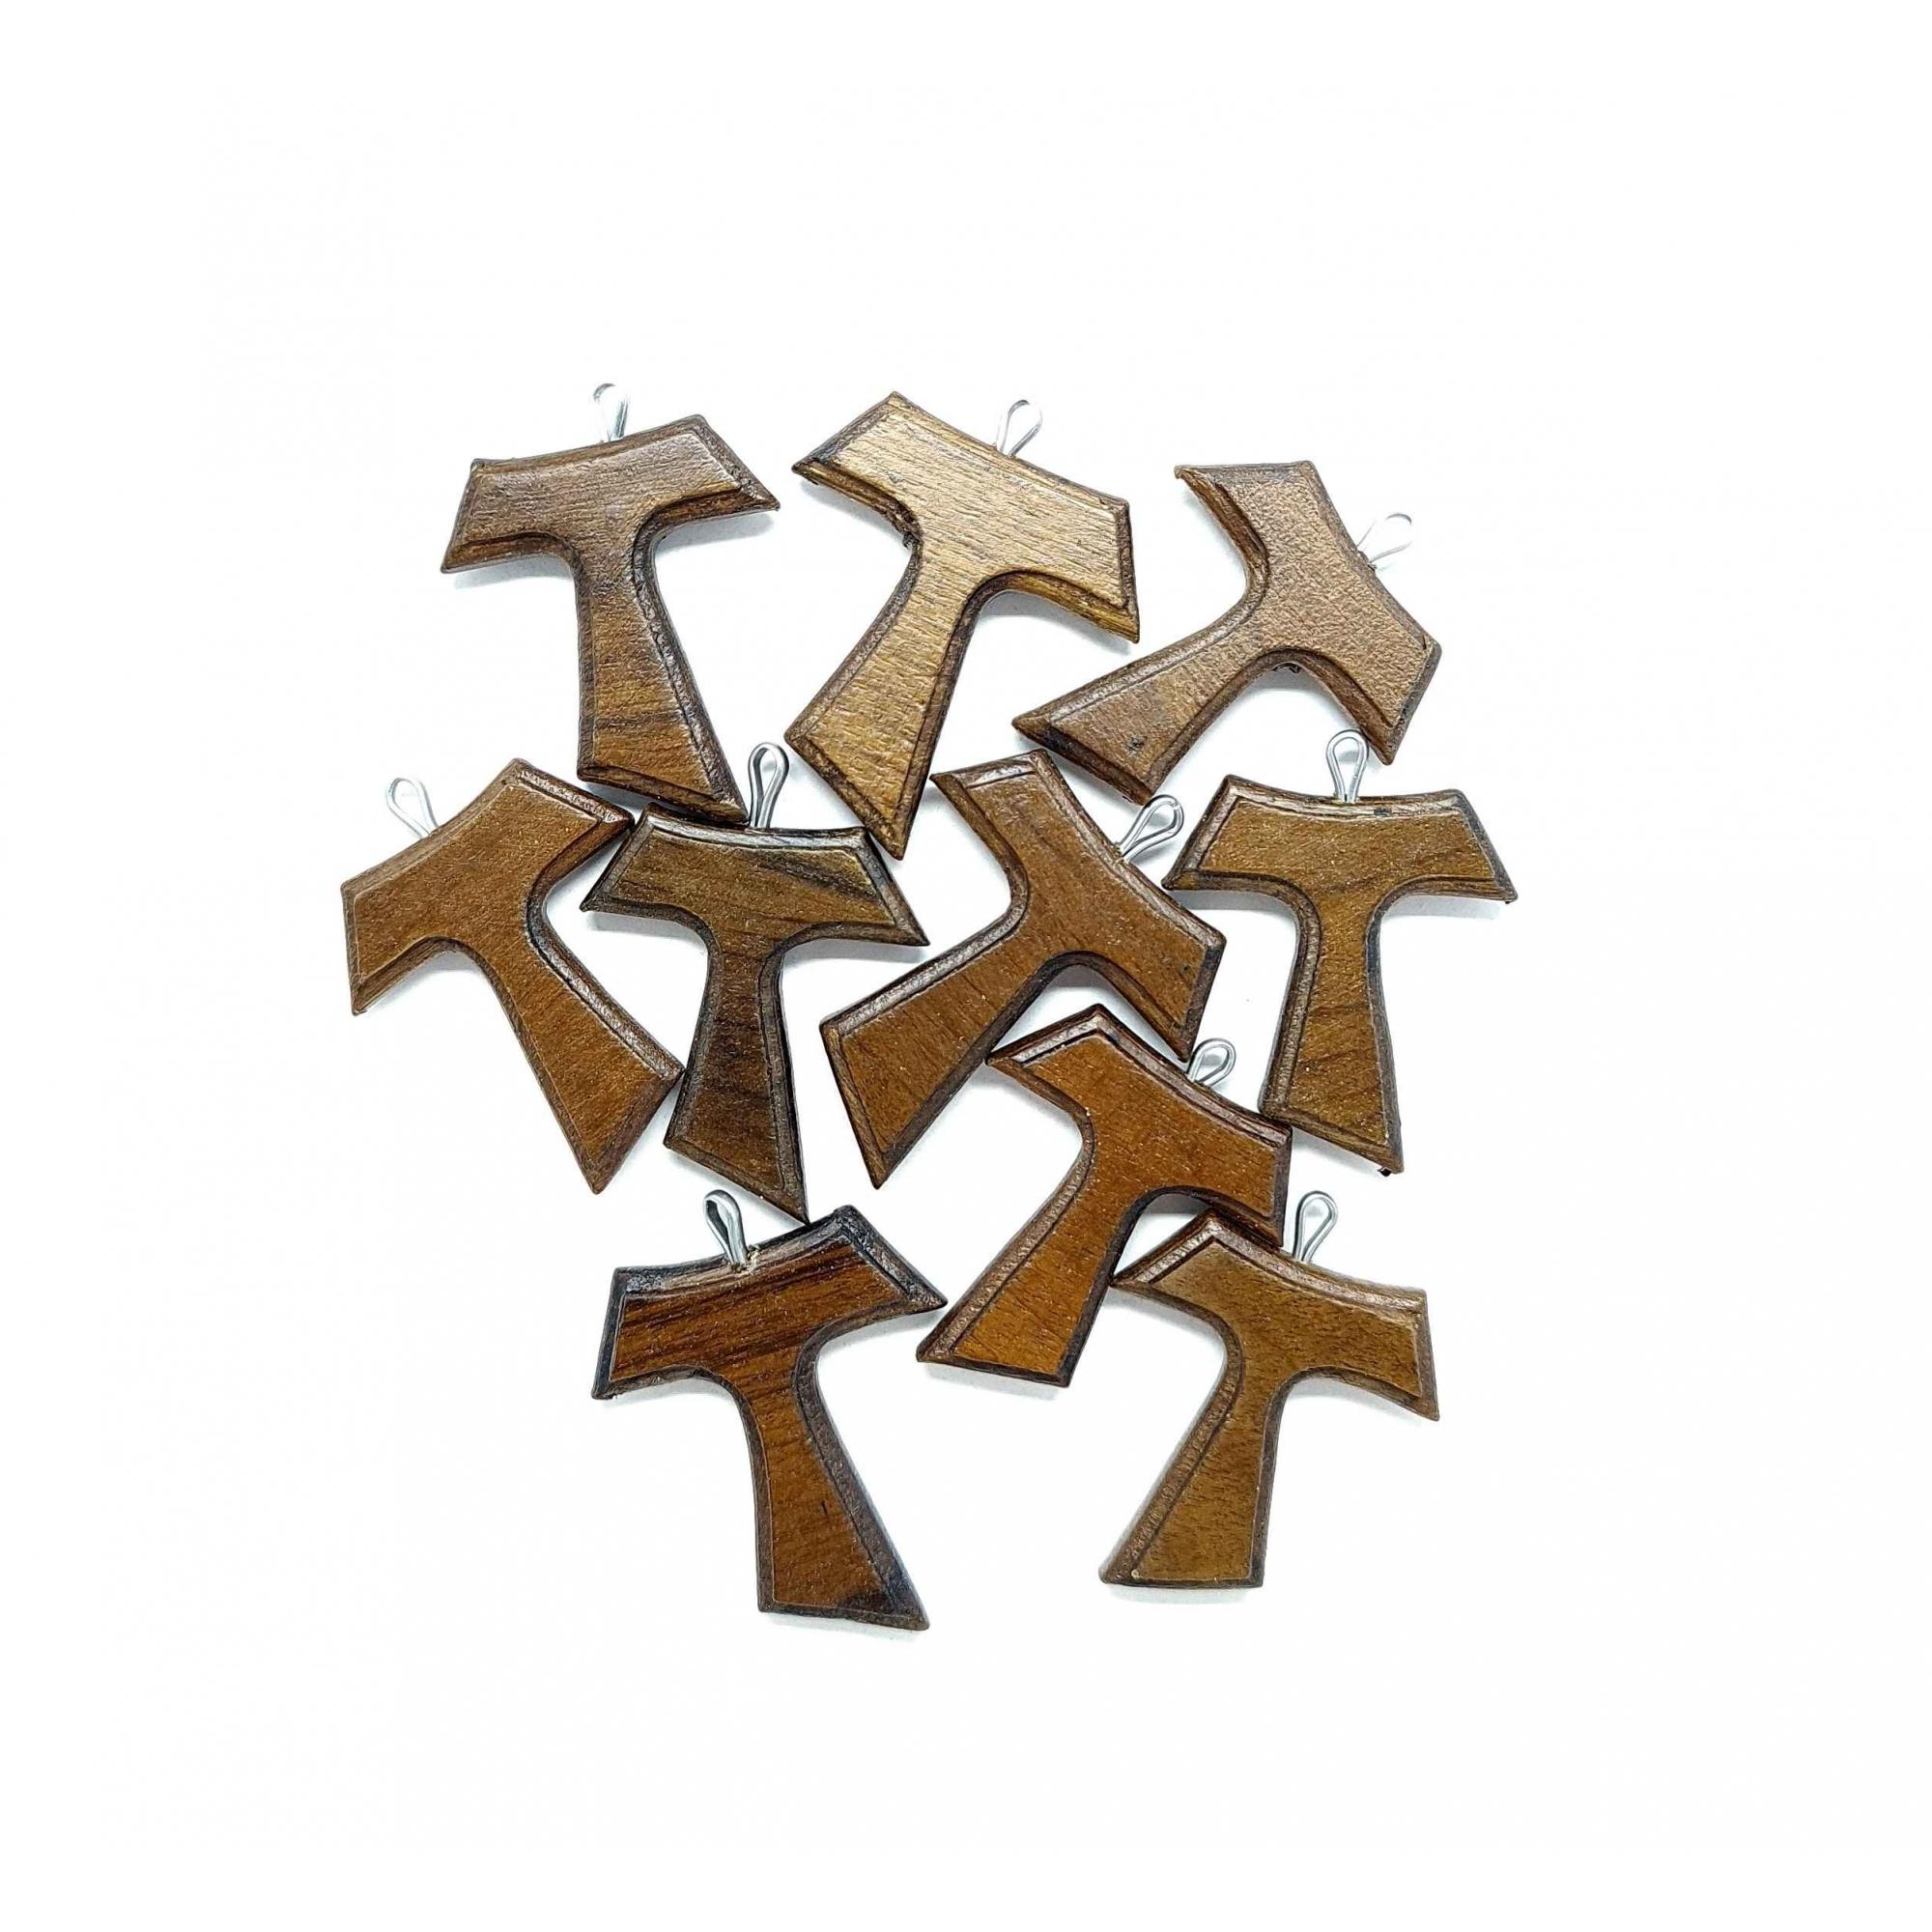 Tau em madeira com verniz fosco - 10 unidades